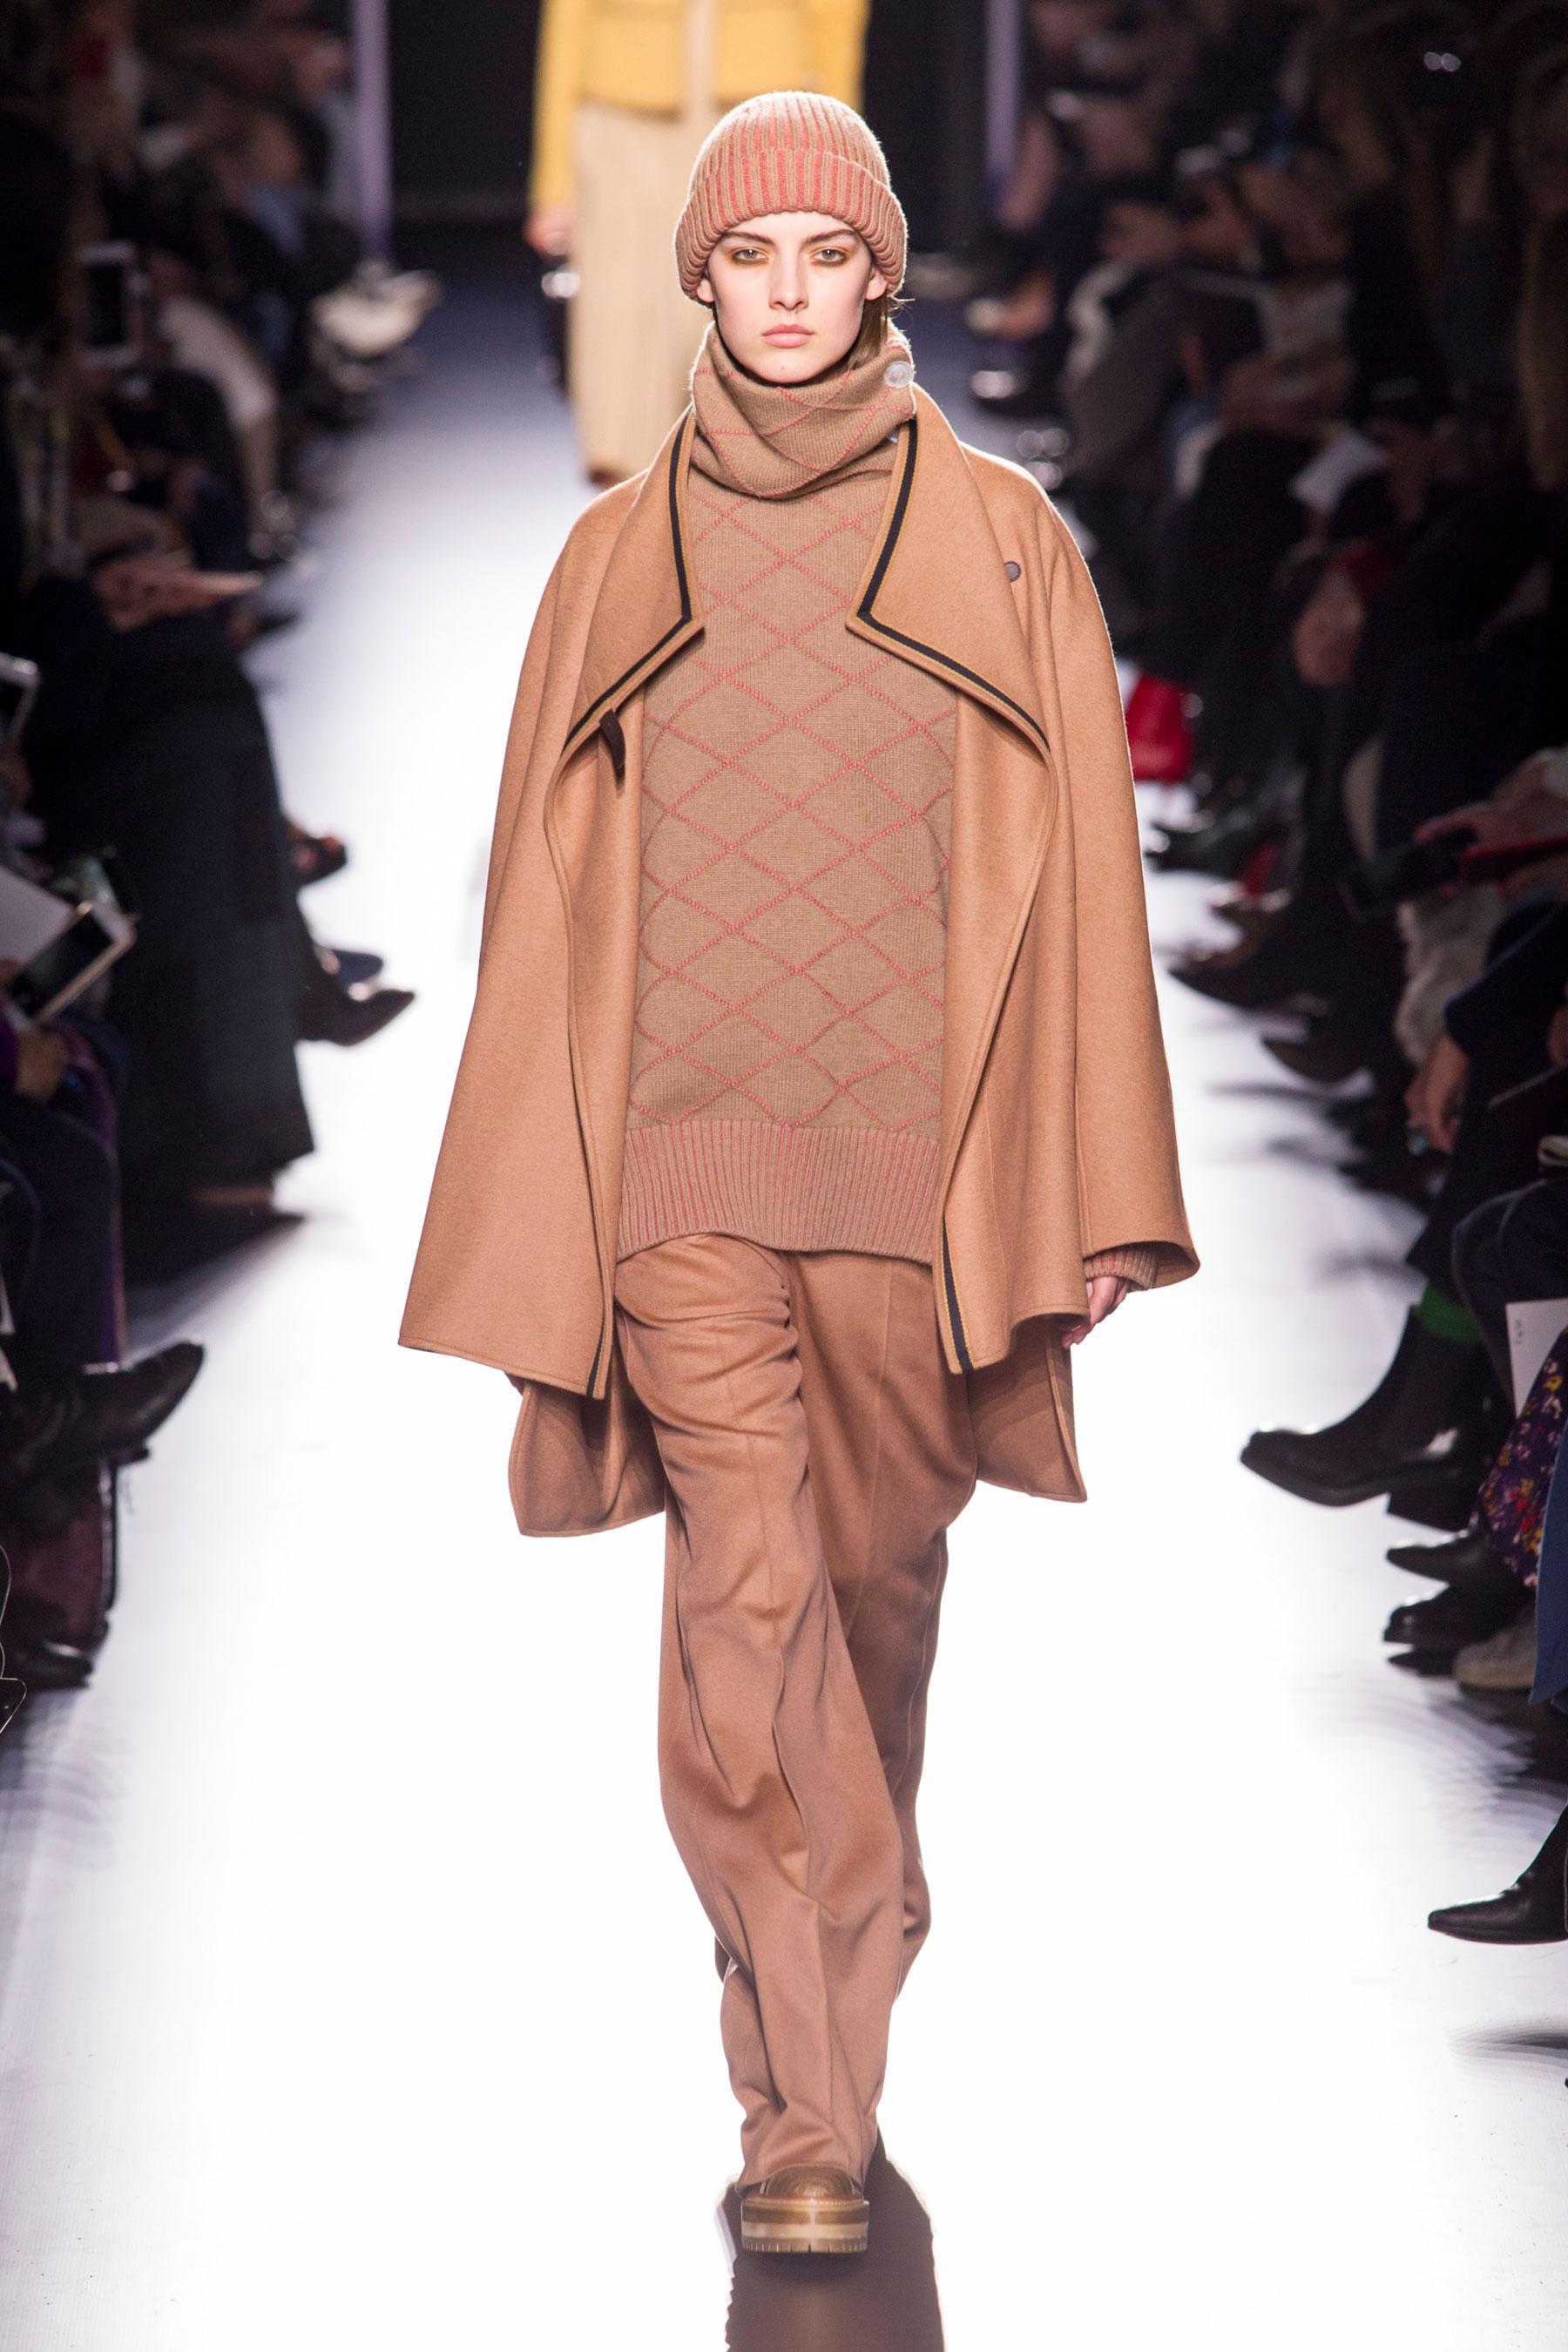 73acd9a8710 Défilé Hermès Automne-hiver 2017-2018 Prêt-à-porter - Madame Figaro